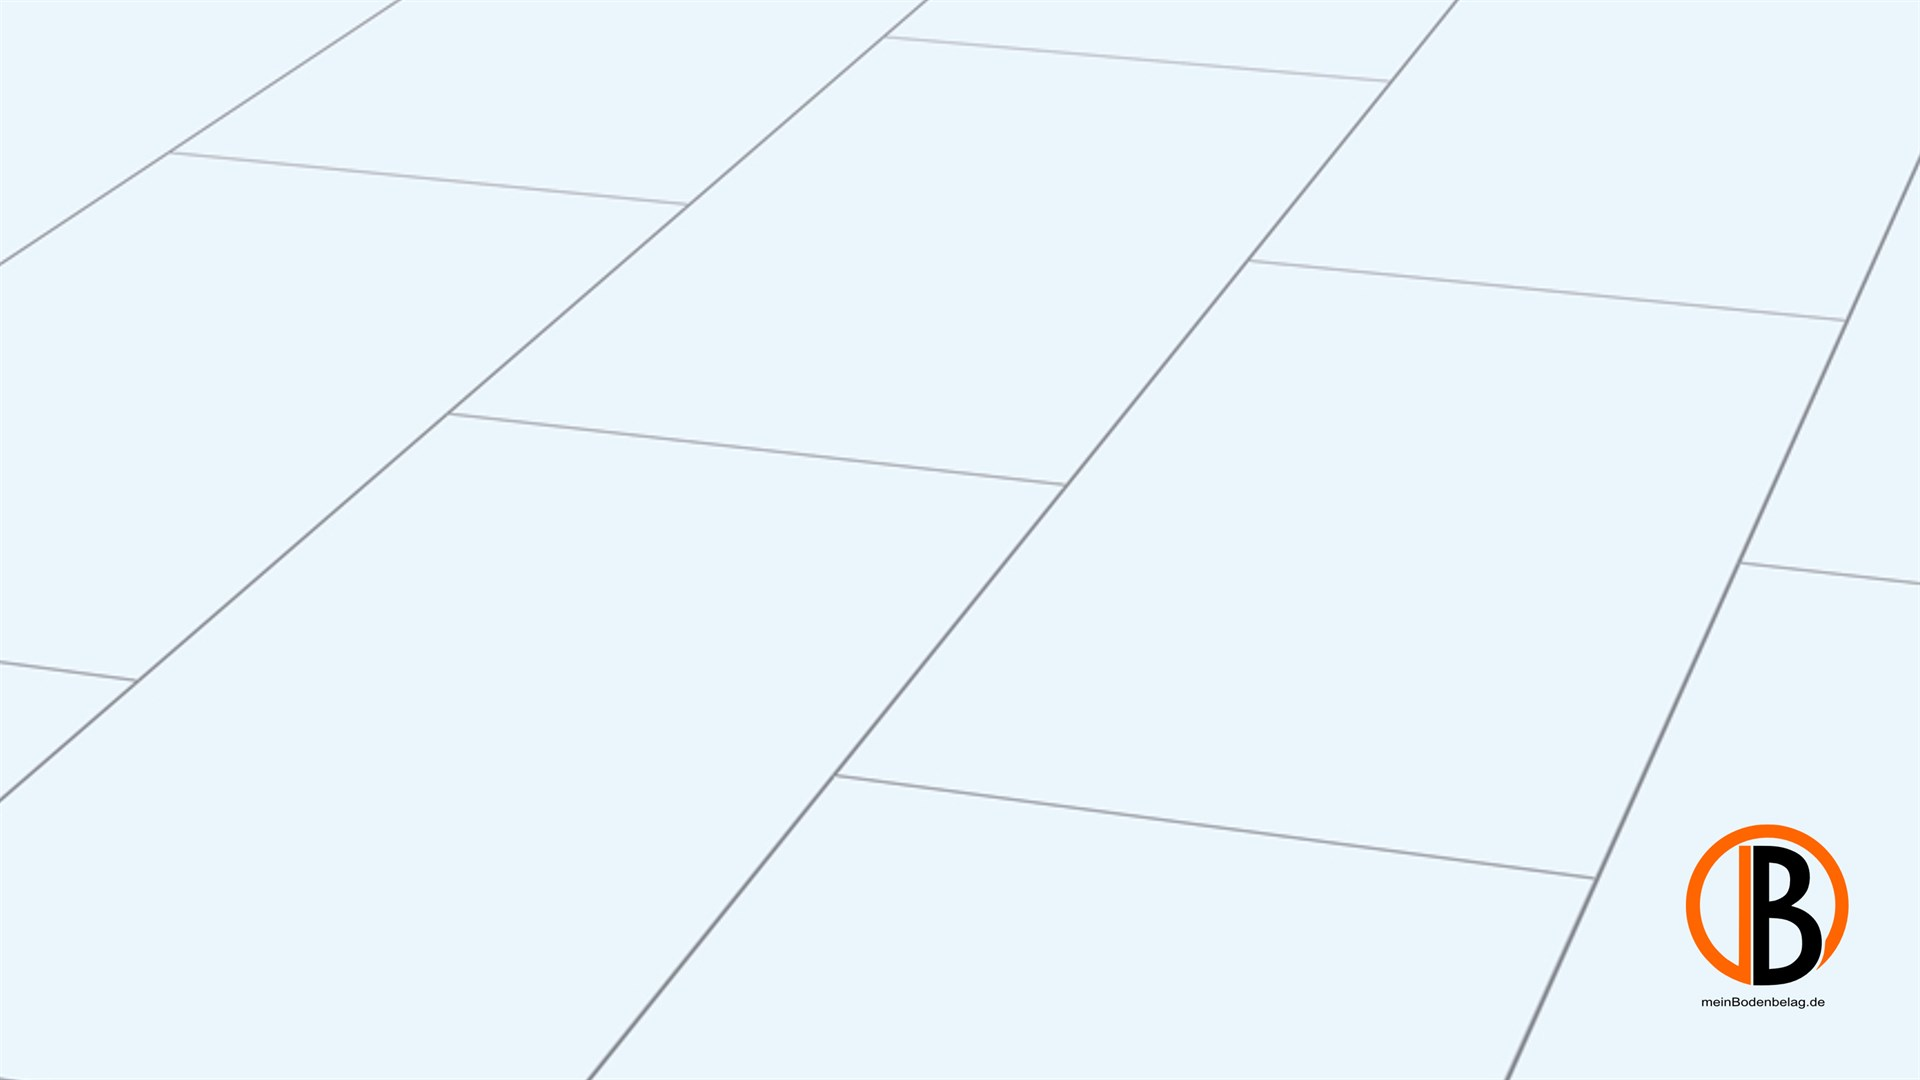 CINQUE KRONOTEX LAMINAT GLAMOUR | 10003564;0 | Bild 1